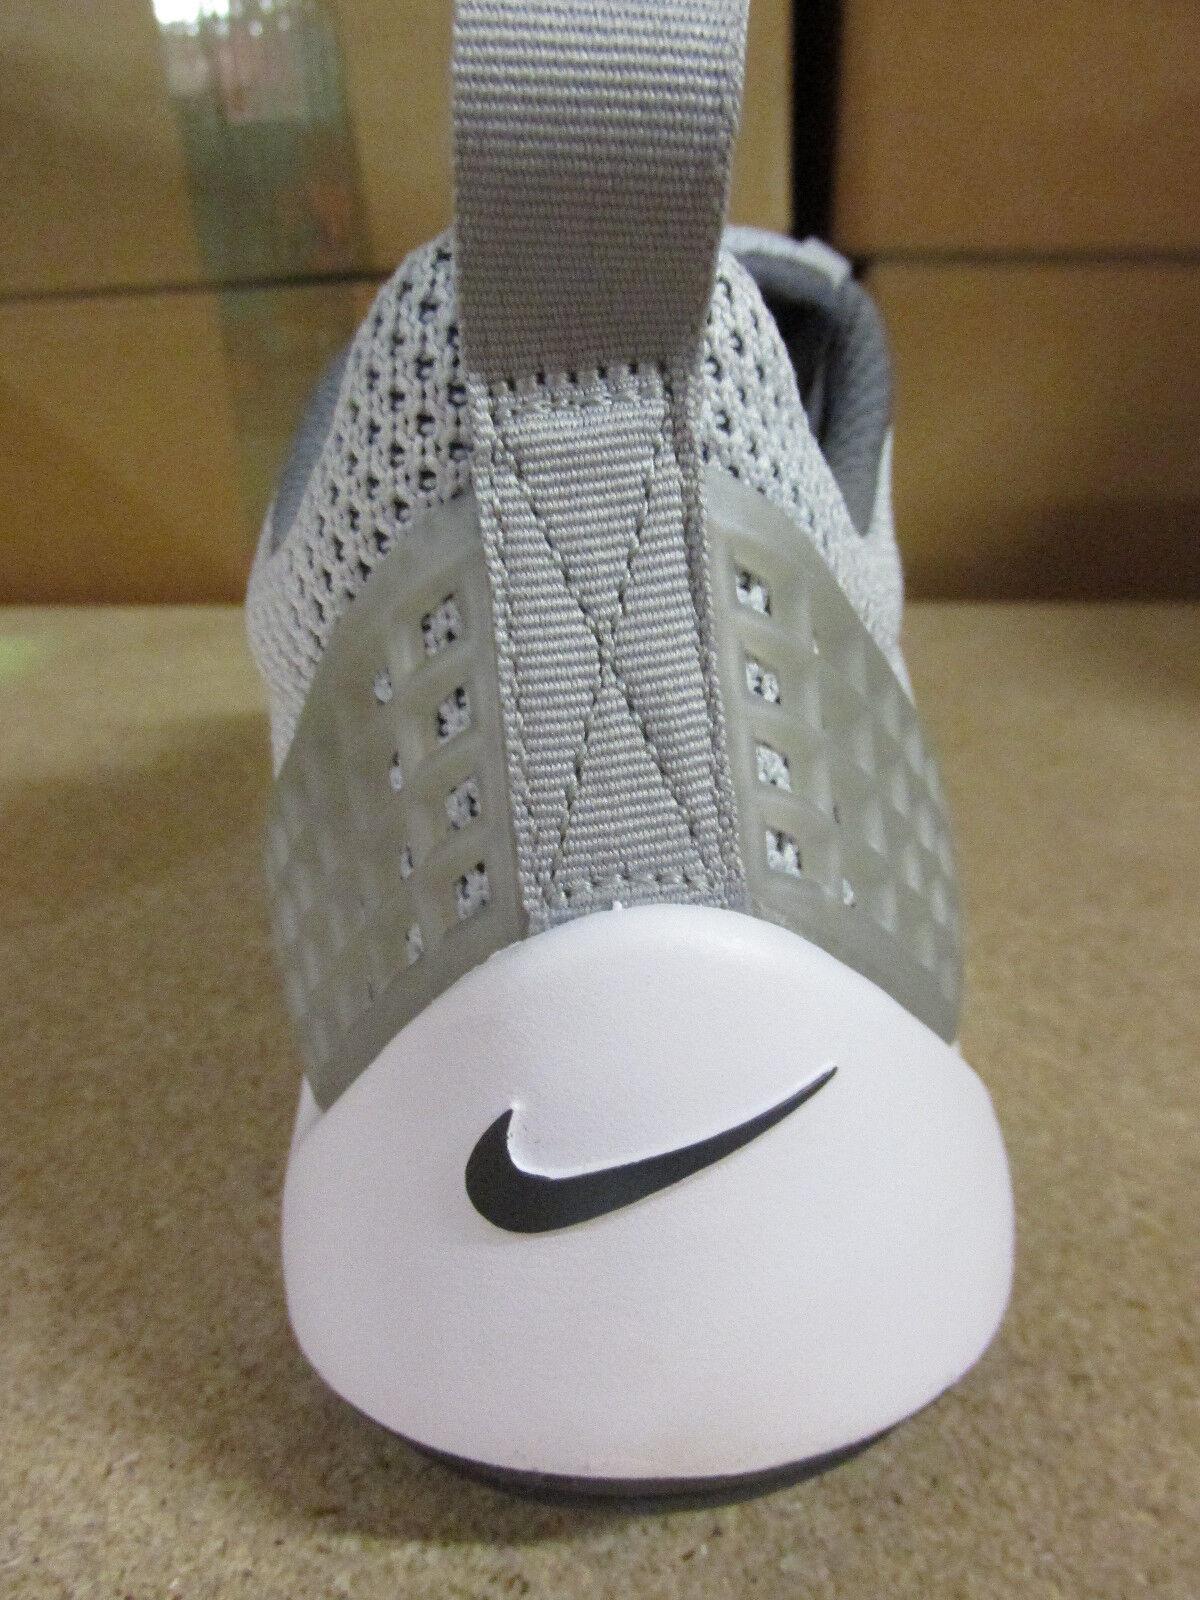 Nike Lunarestoa Laufschuhe 2 Essential Herren Laufschuhe Lunarestoa 811372 002 Turnschuhe cd1711